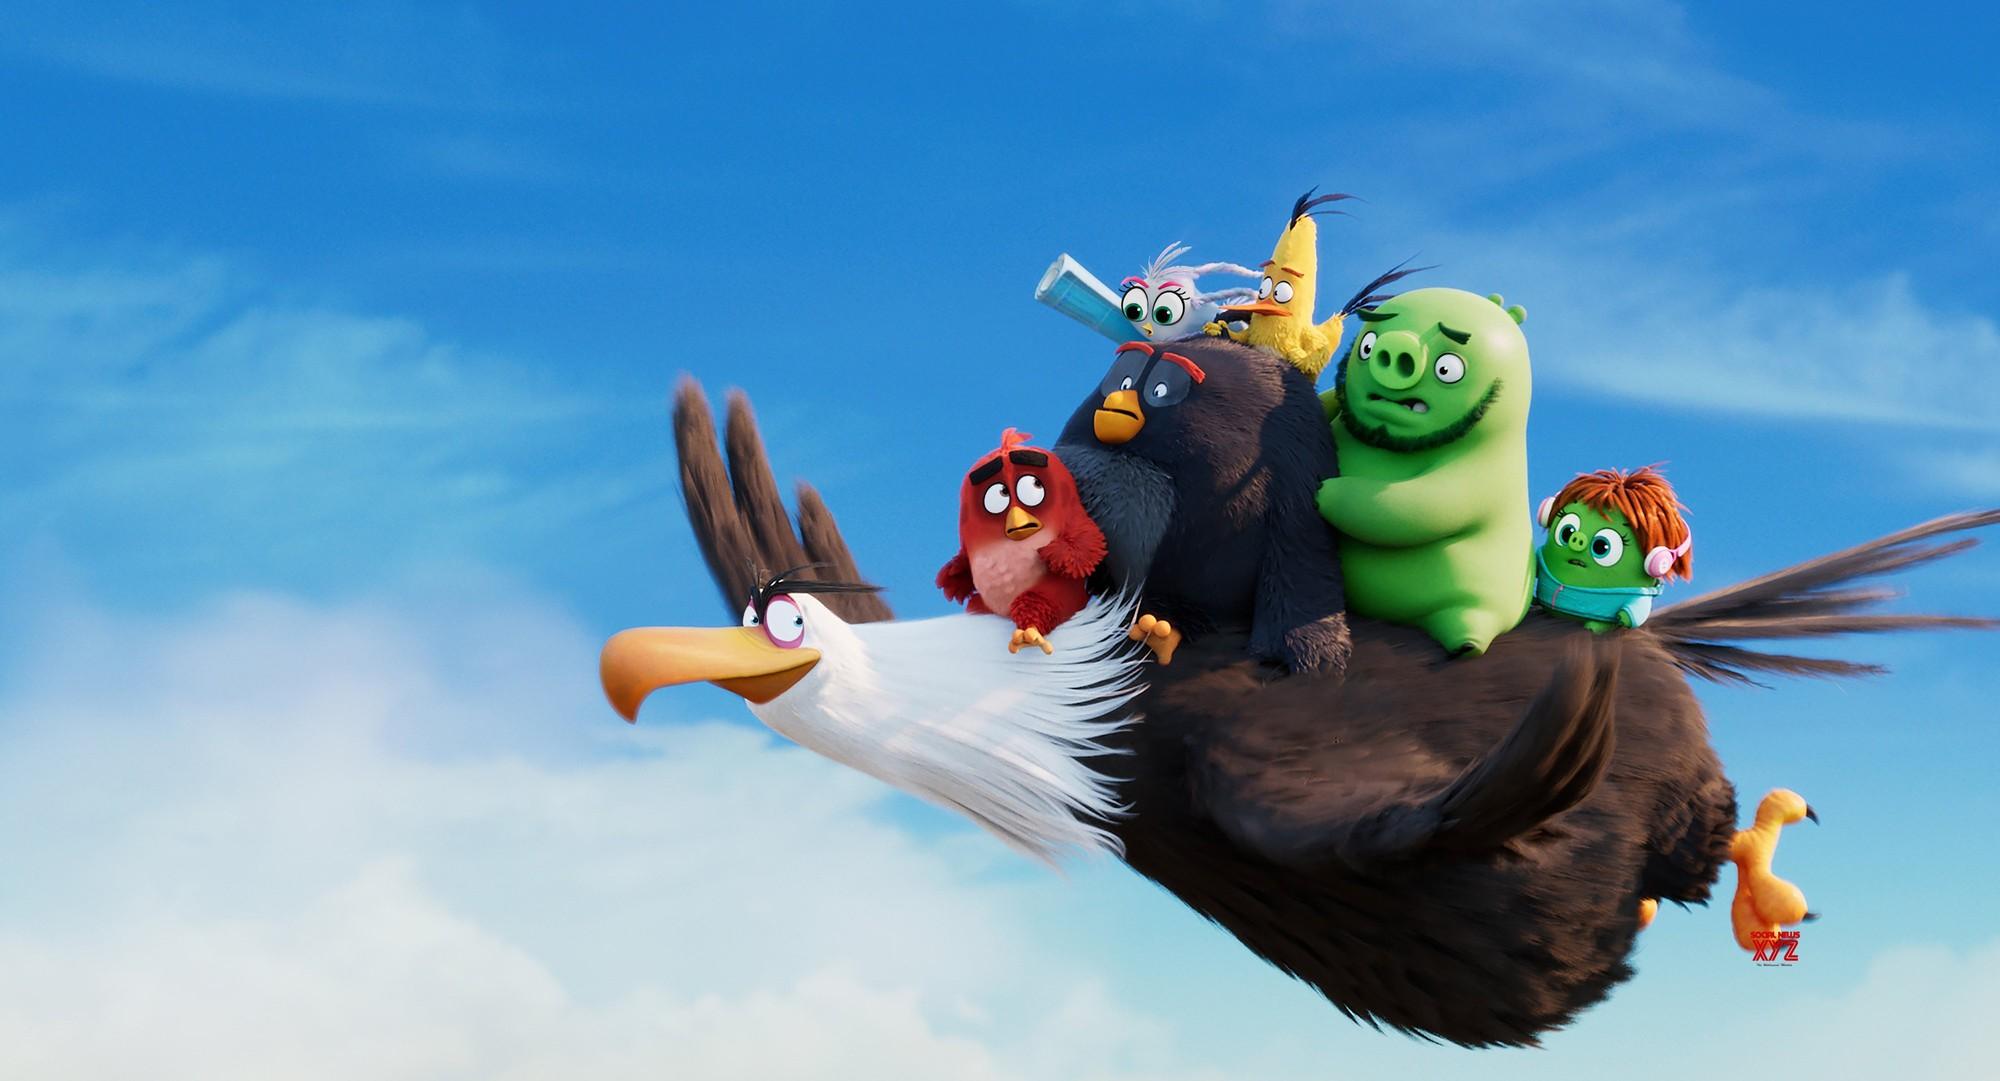 """Thái Hòa chia sẻ lý do lồng tiếng """"Angry Birds 2"""" gây xúc động - Ảnh 2."""